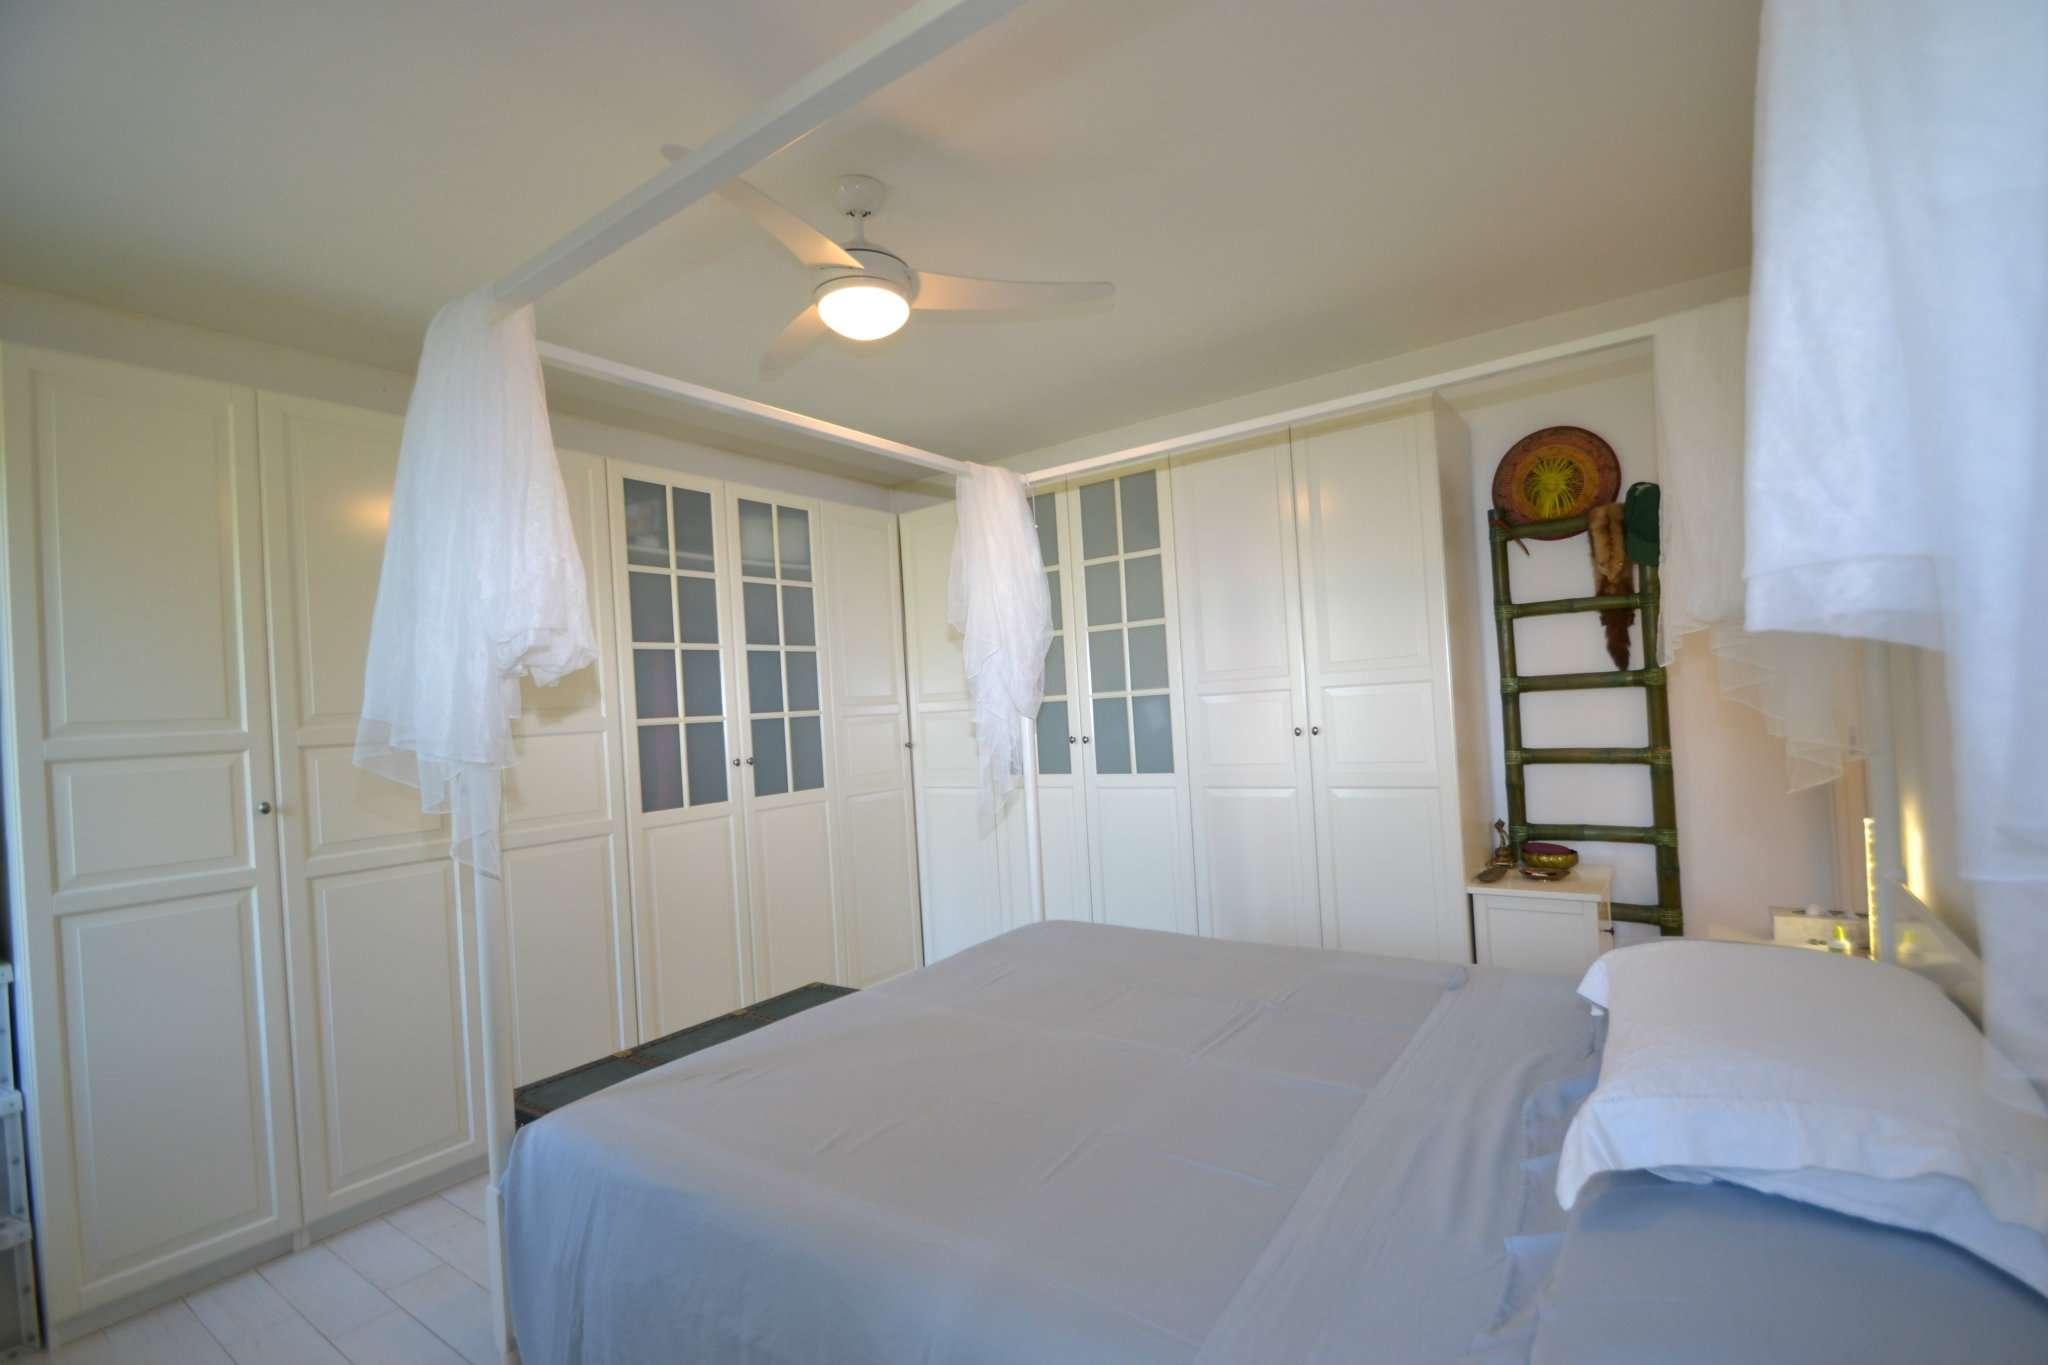 Appartamento in vendita a Caprino Bergamasco, 2 locali, prezzo € 75.000 | PortaleAgenzieImmobiliari.it